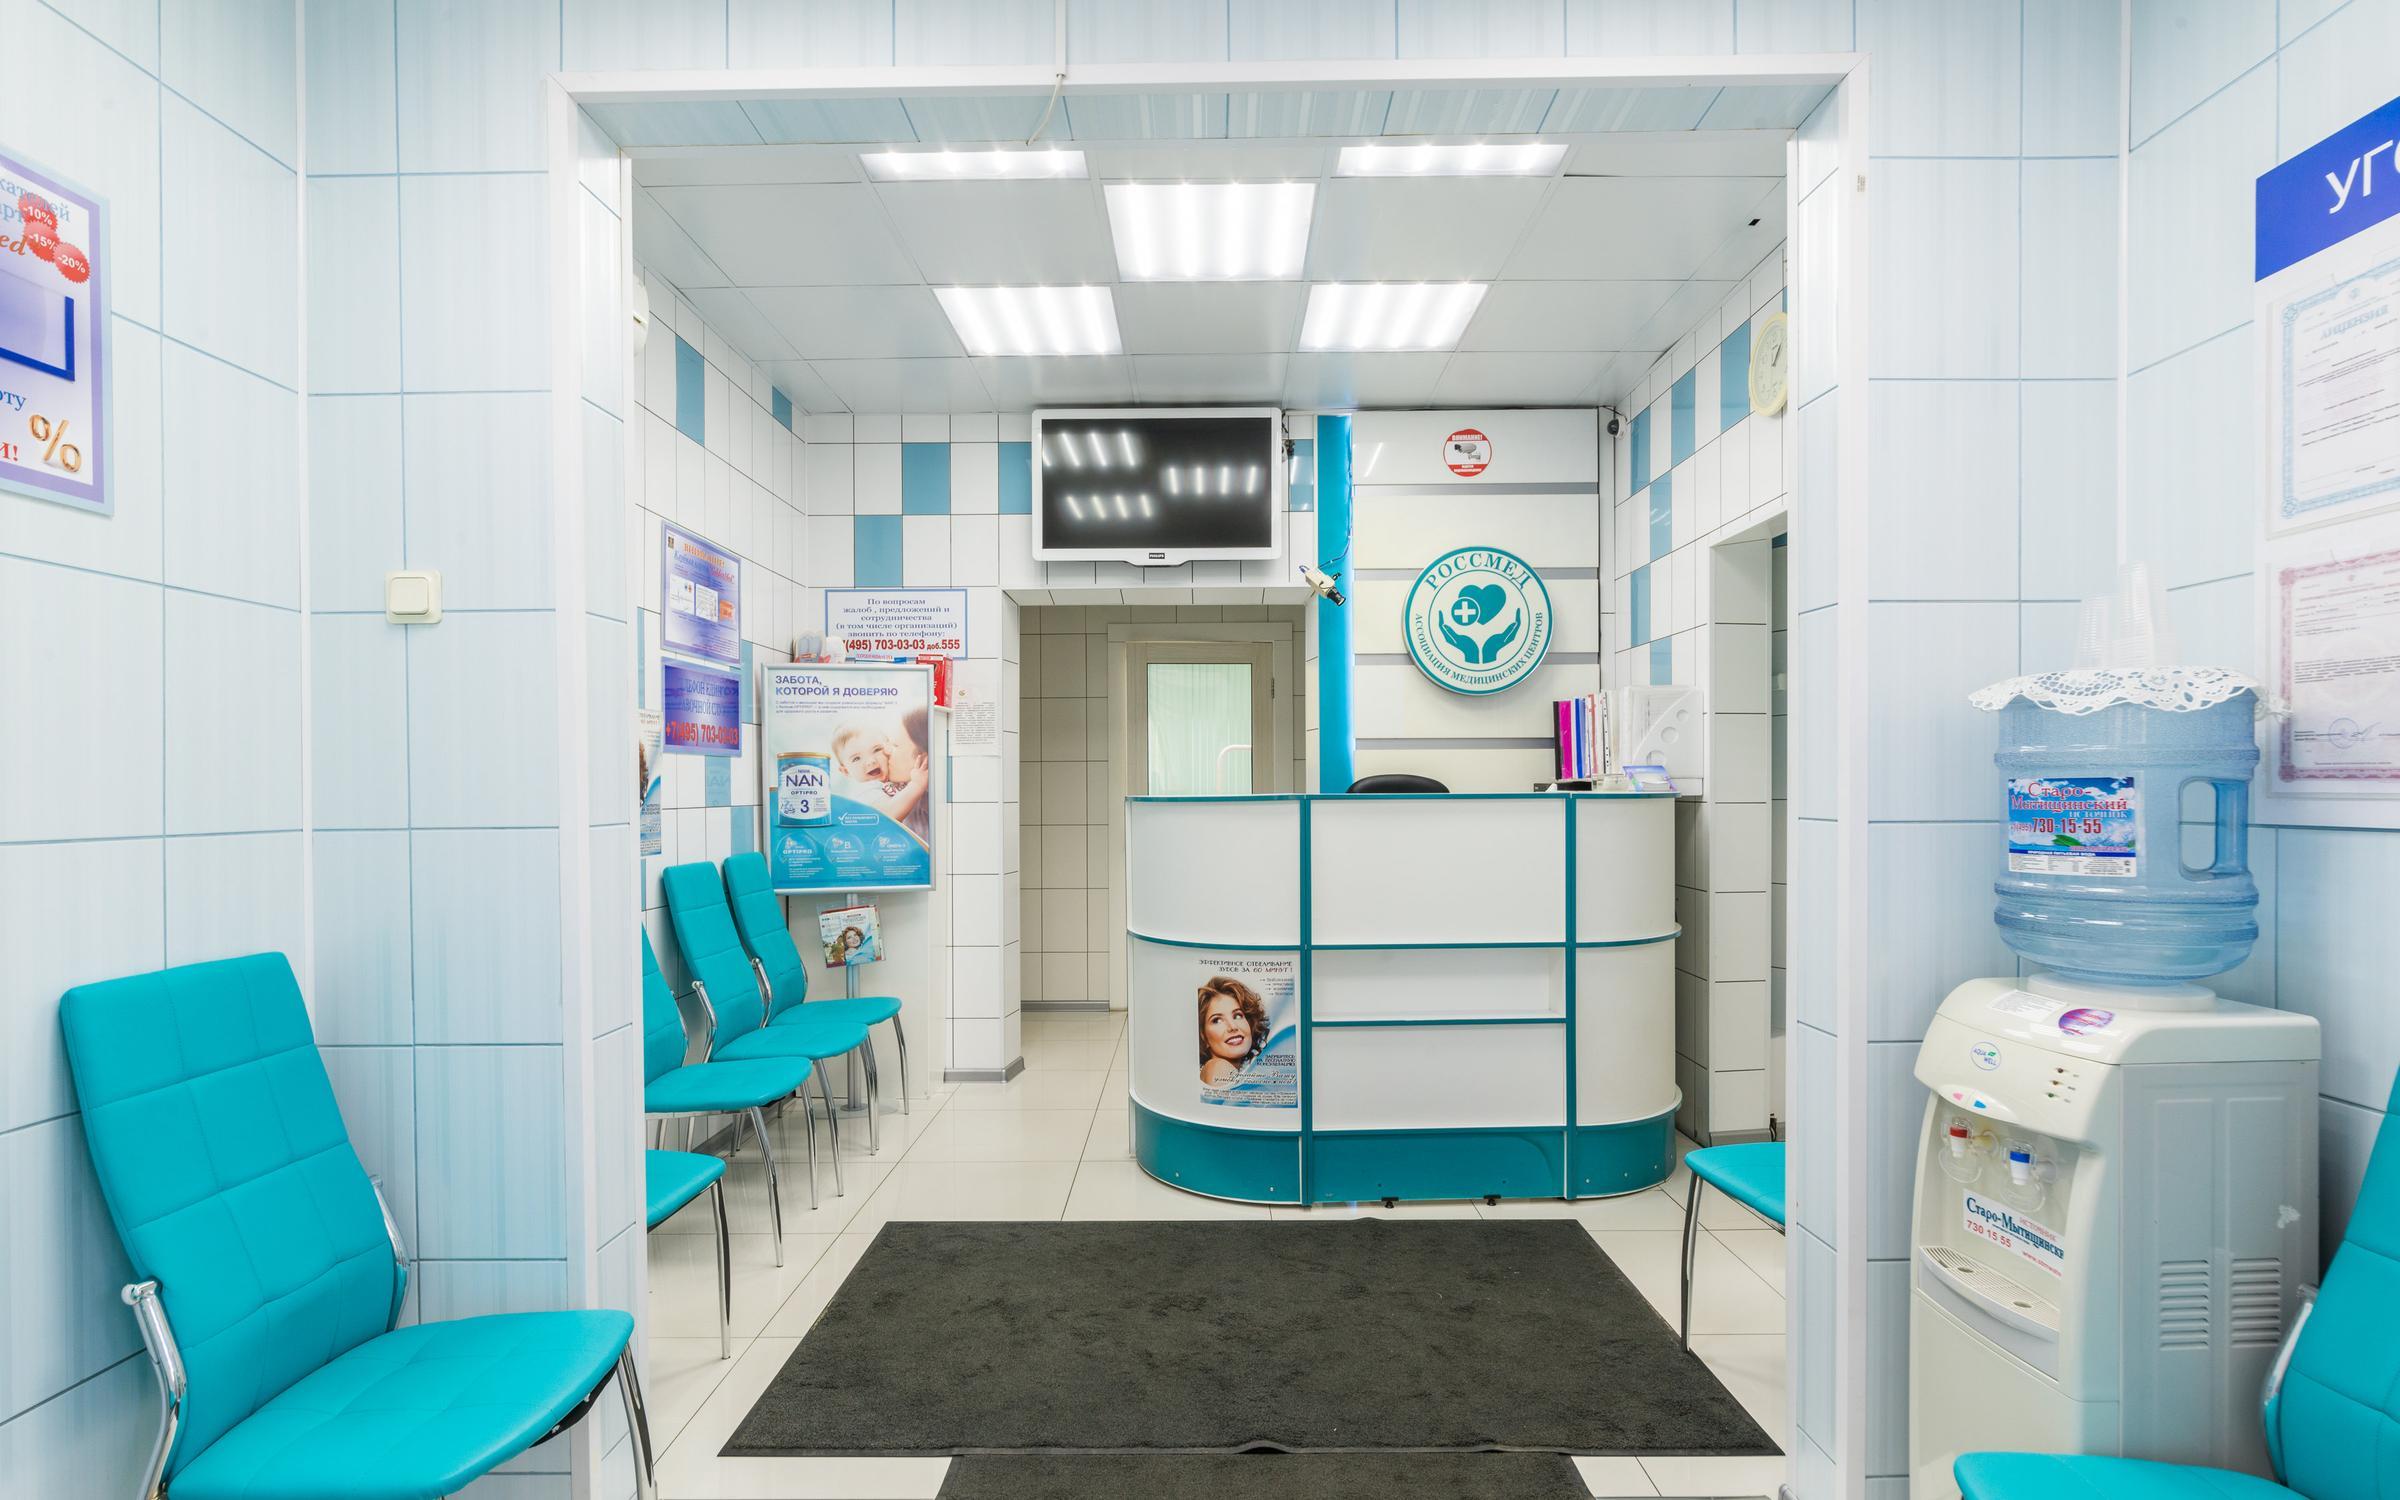 фотография Медицинской клиники GoldenMed на метро Новокосино